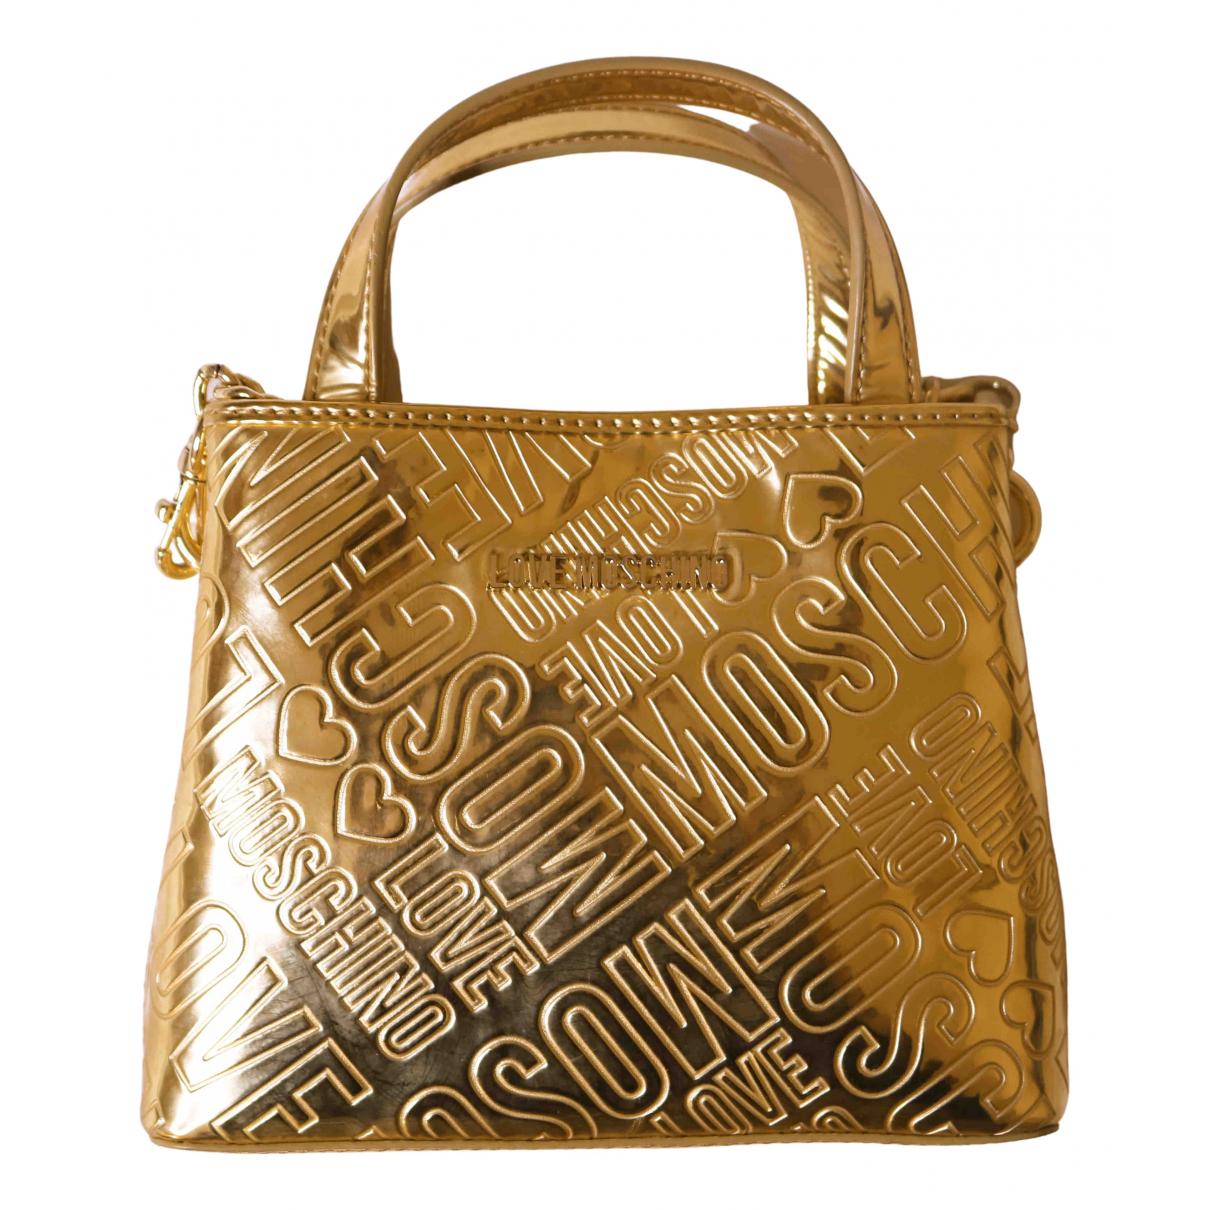 Moschino Love - Sac a main   pour femme en cuir verni - dore